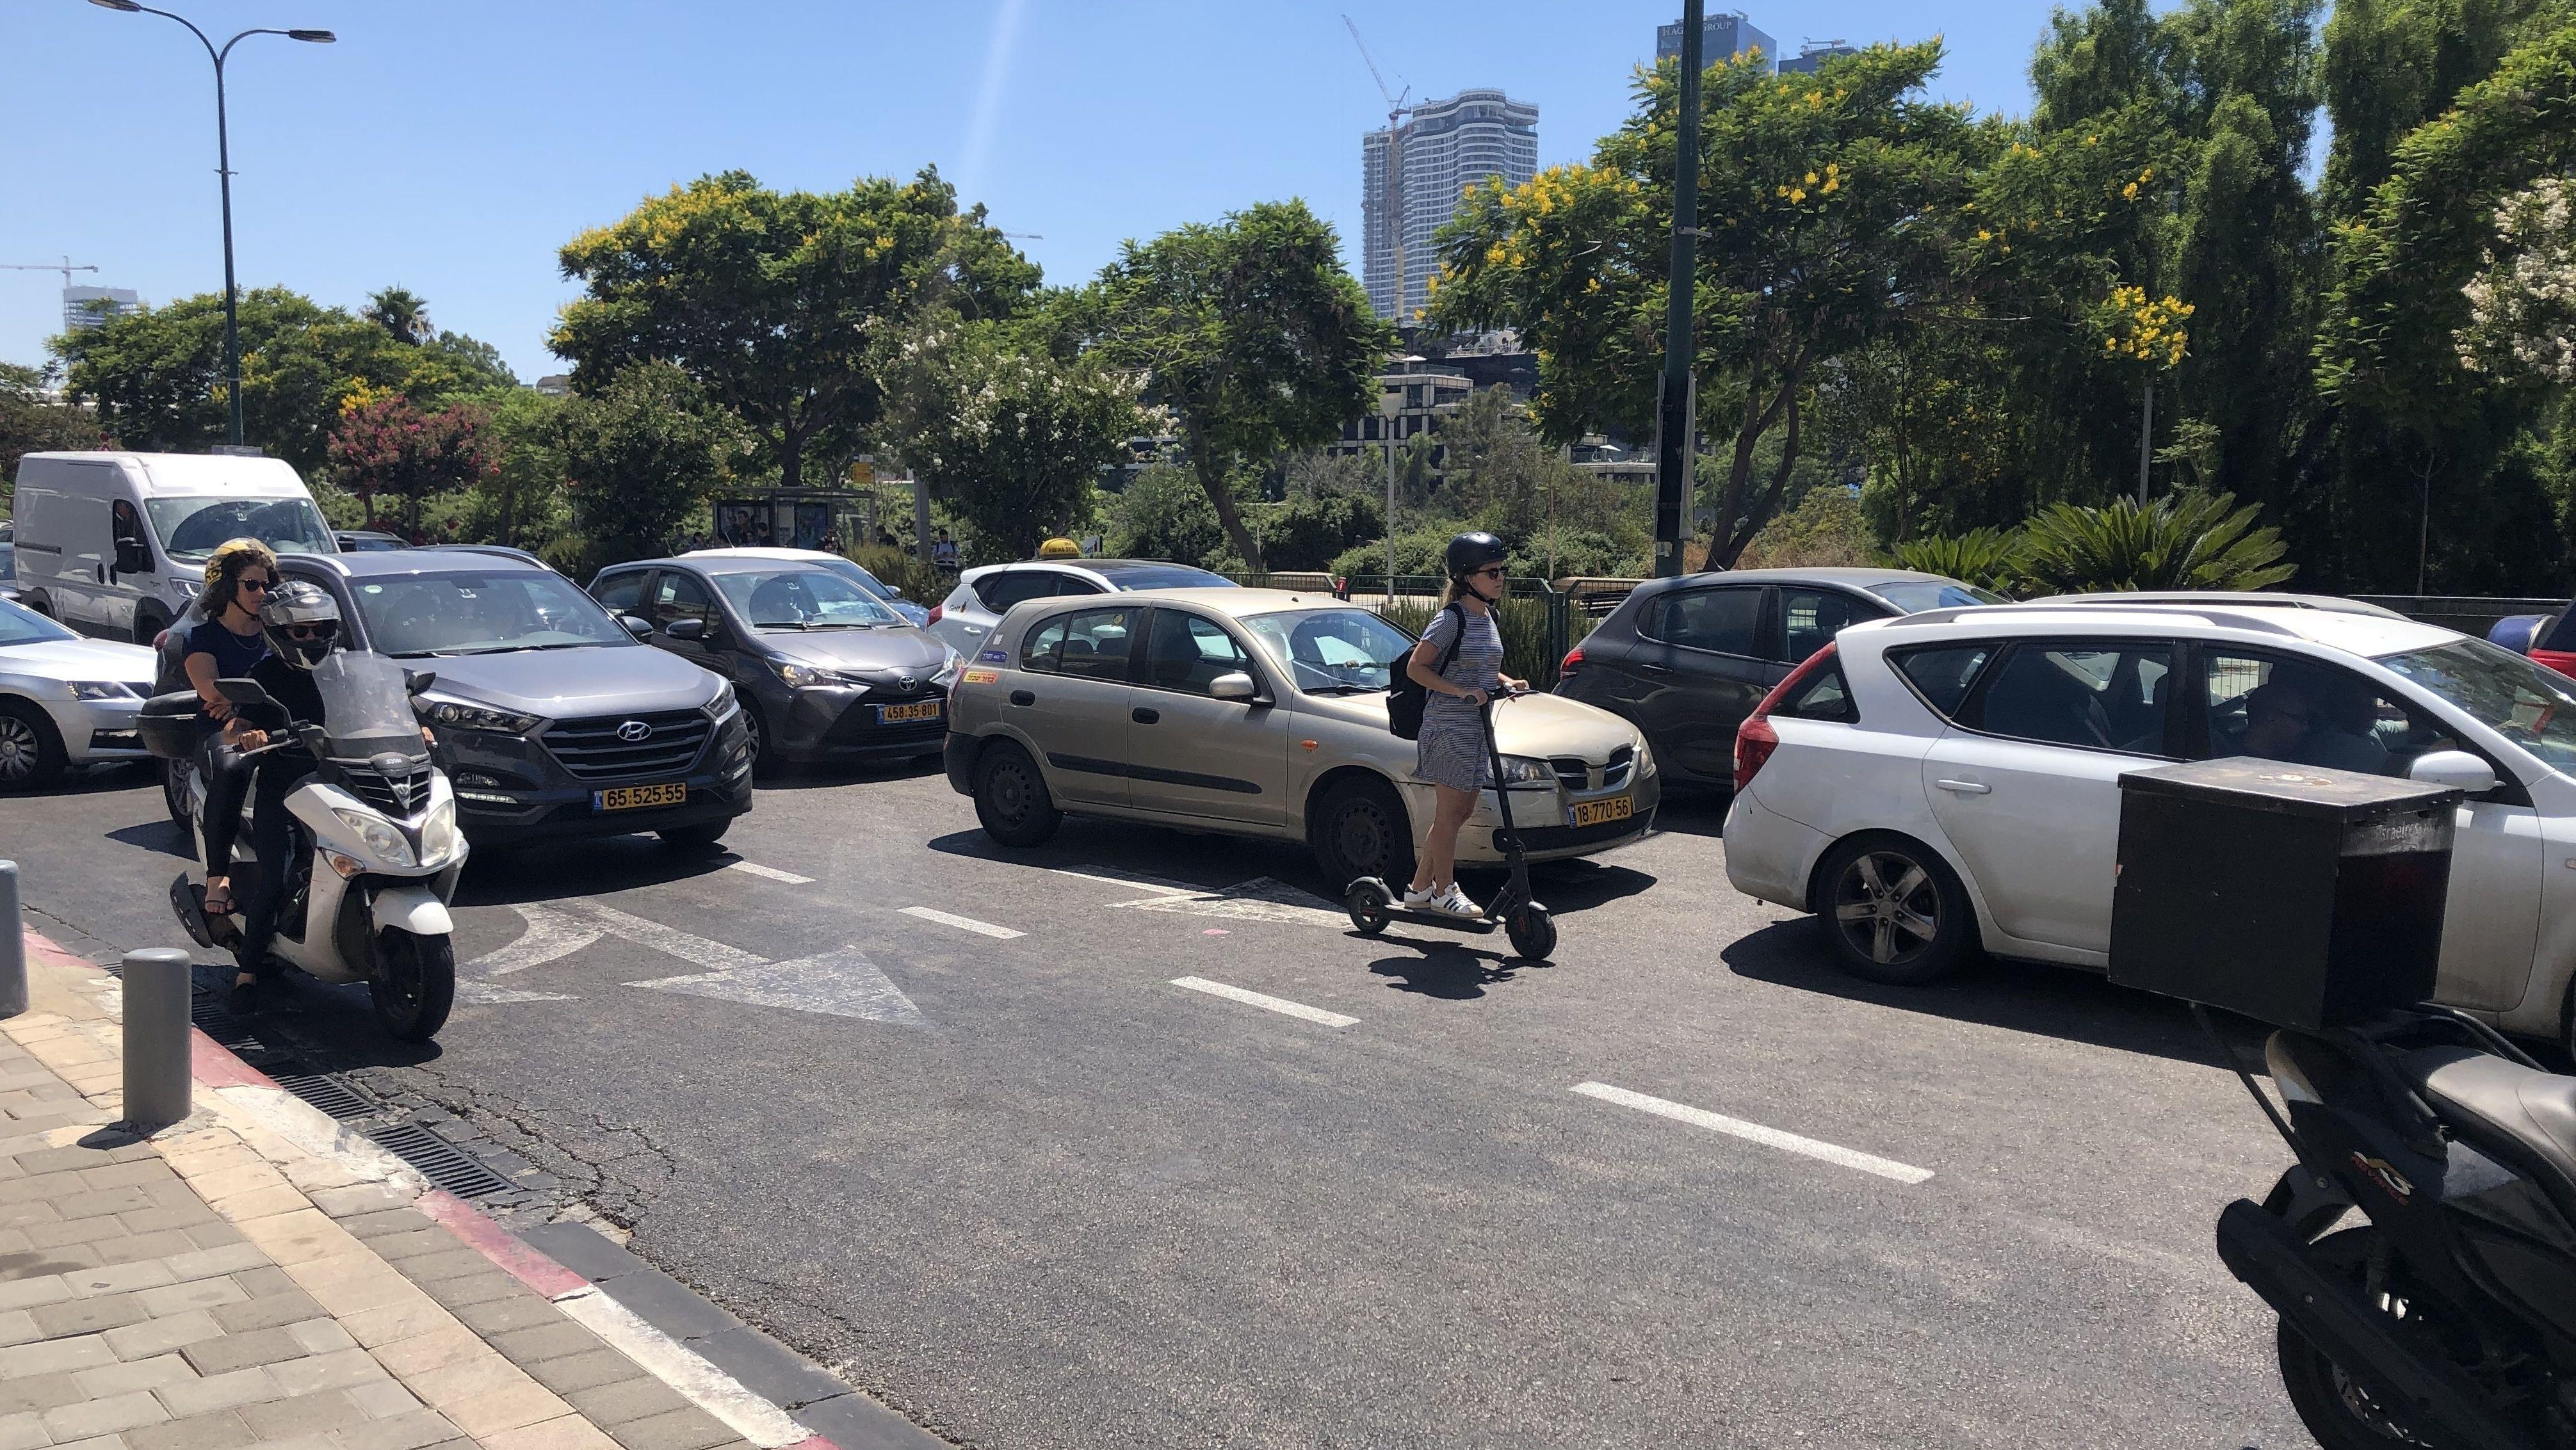 Mit dem E-Scooter ist man auch mit Helm gefährlich unterwegs. Die Zahl der Unfälle wird steigen, ist sich die Vize-Bürgermeisterin sicher.